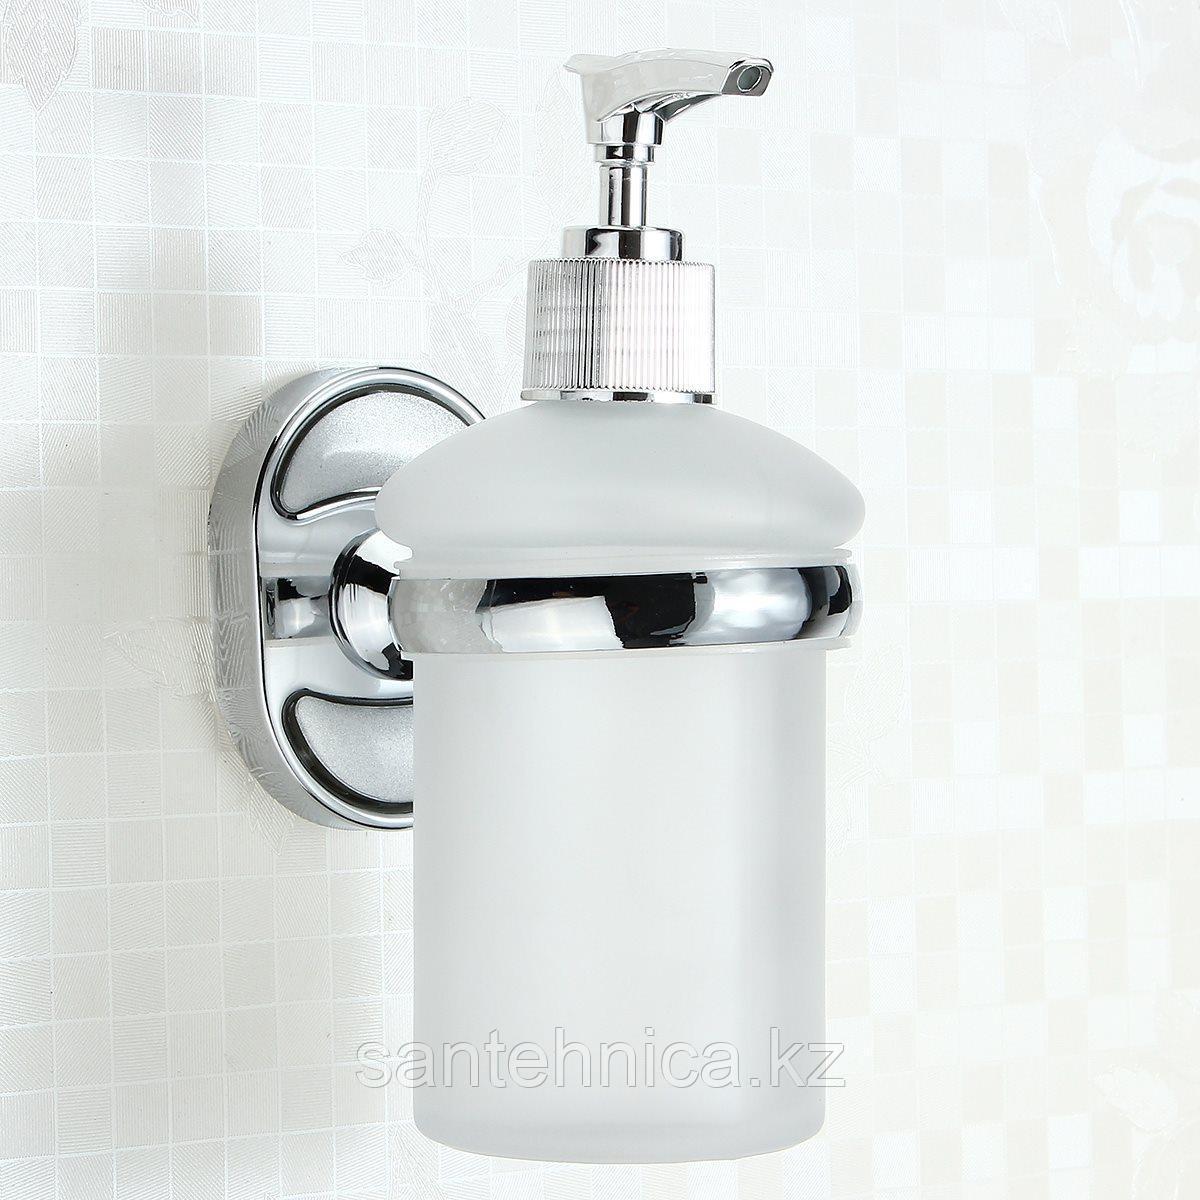 FRAP F1927 Дозатор для жидкого мыла стекло